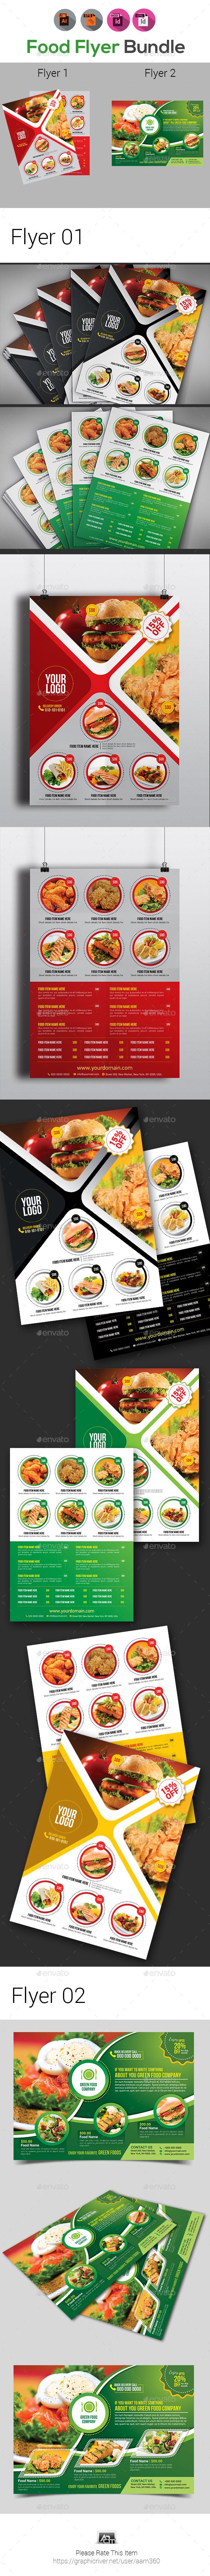 Food Menu or Food Flyer Bundle